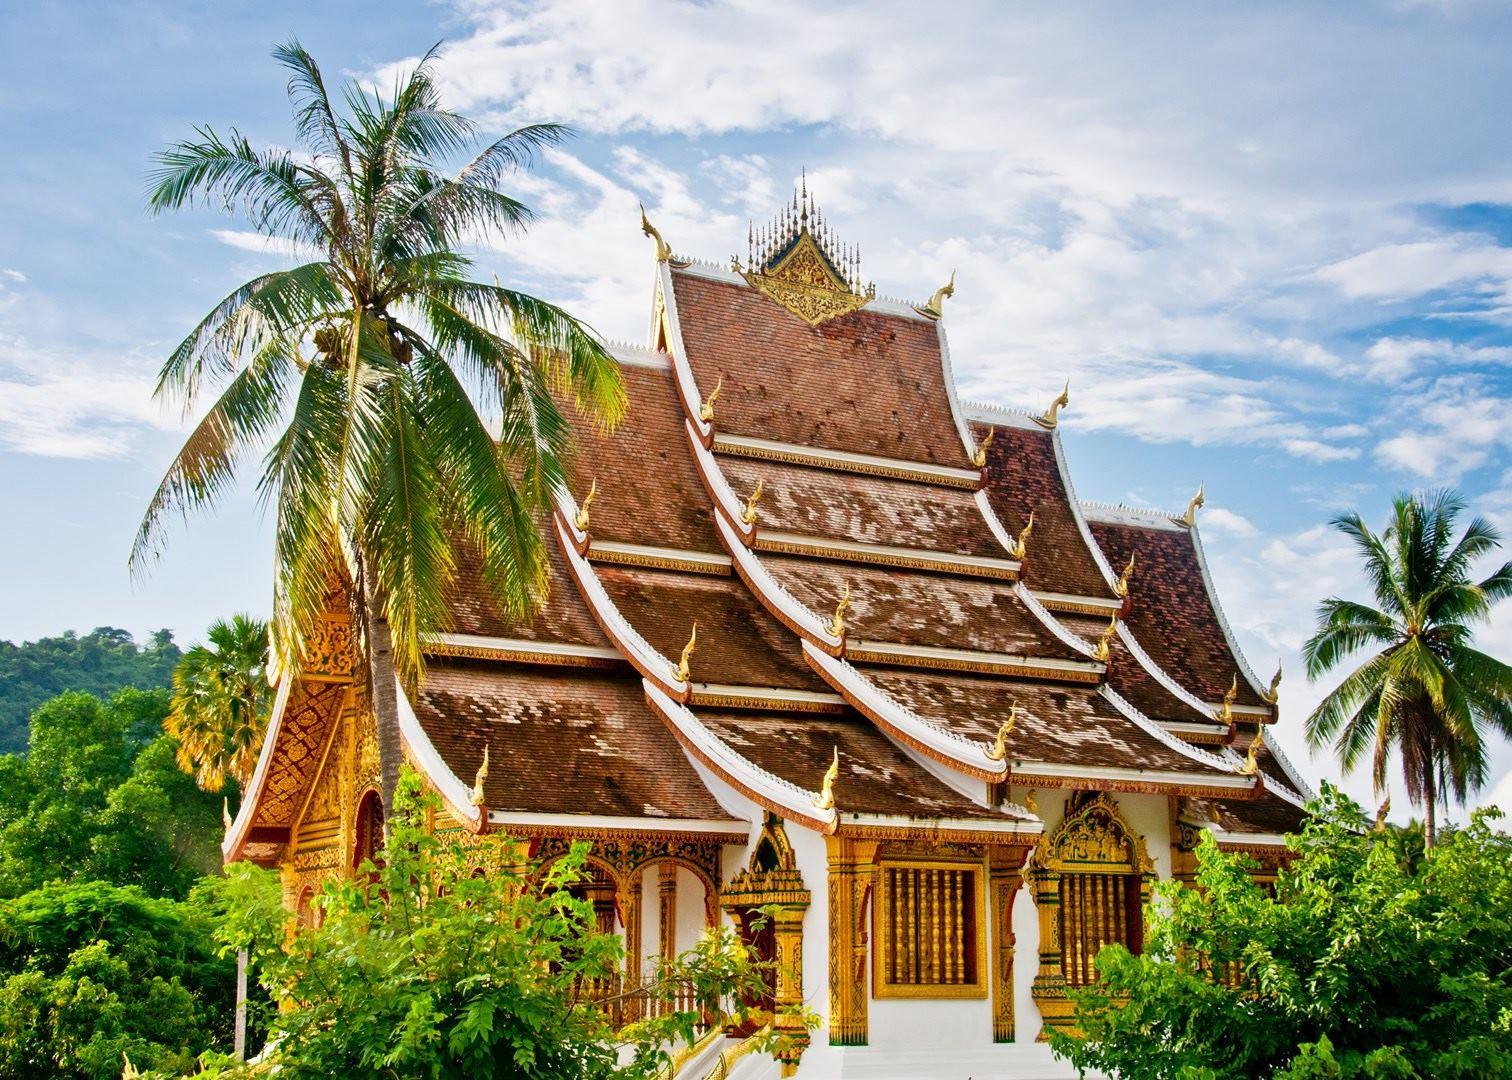 Luang Prabang and Around, Laos Visitor Guide |Wat Xieng Thong Luang Prabang